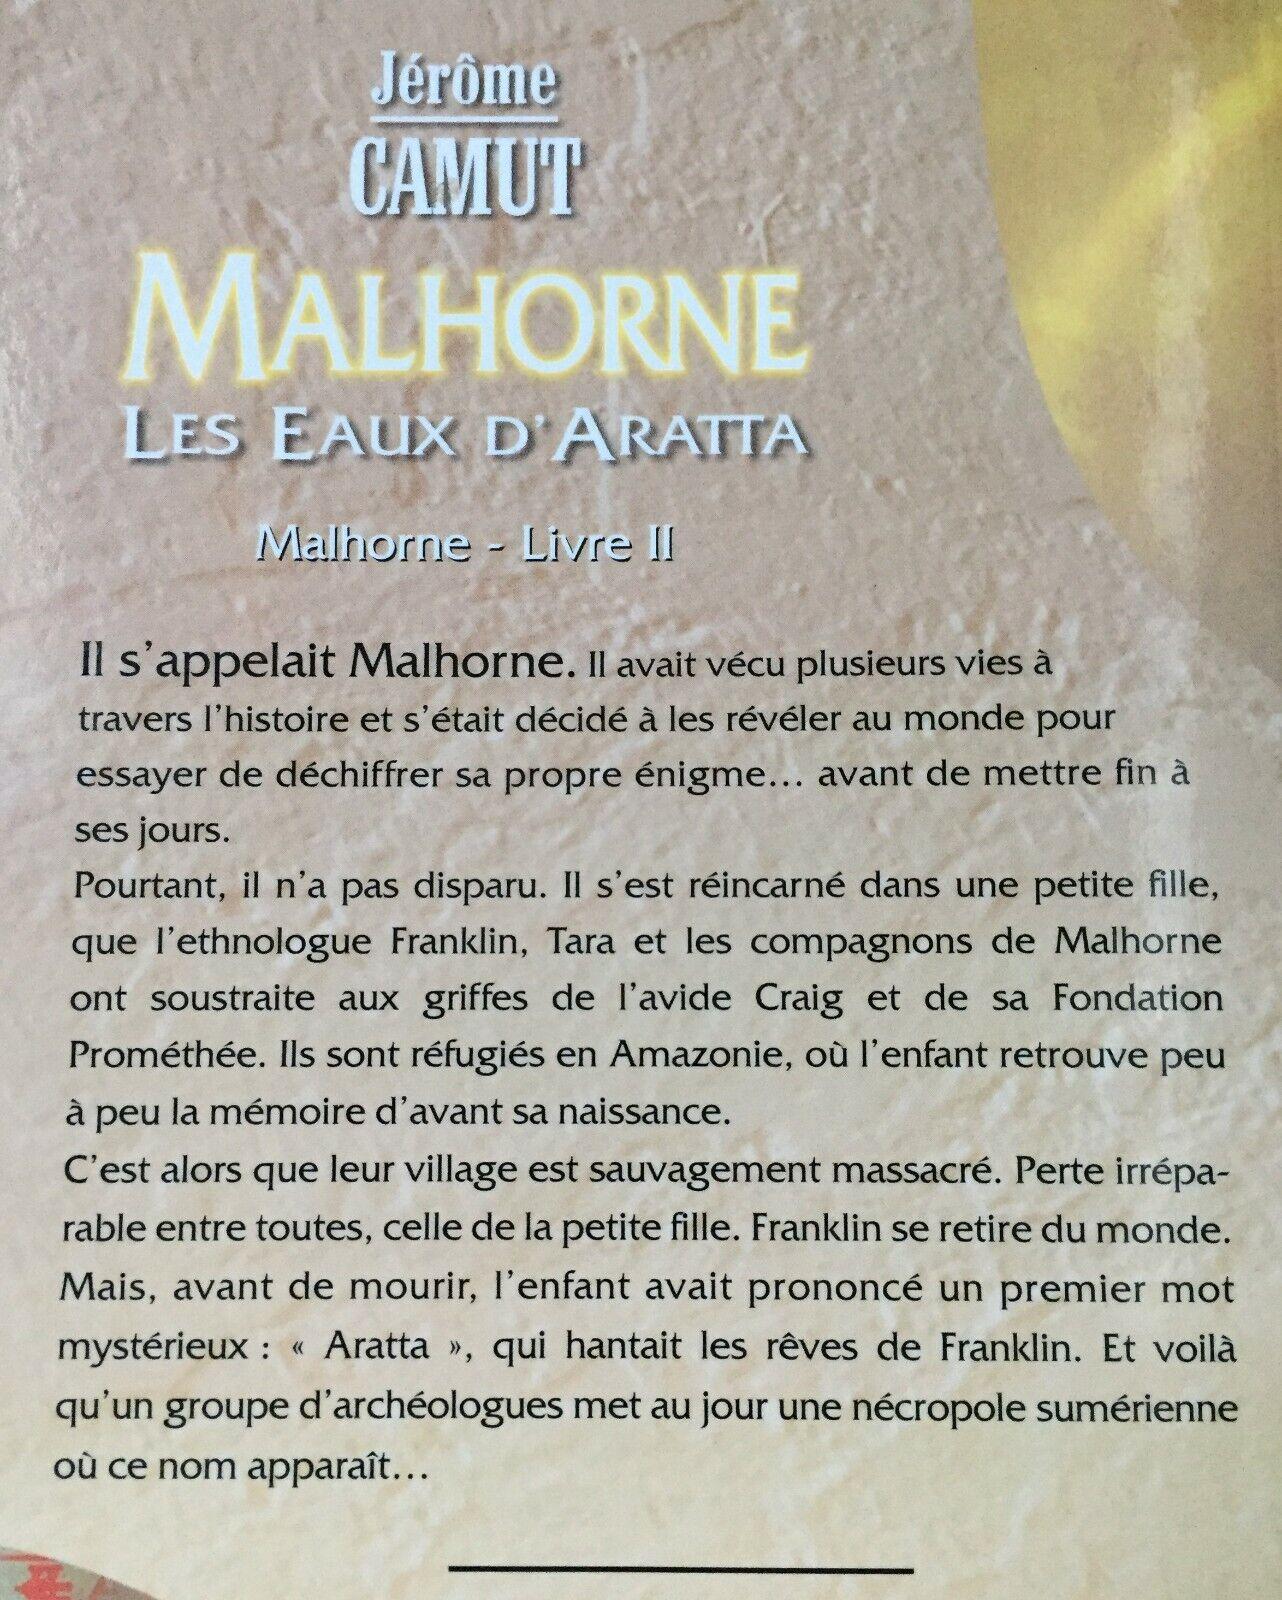 Roman 'malhorne' livre 2/tome 2 de j. camut – bon état